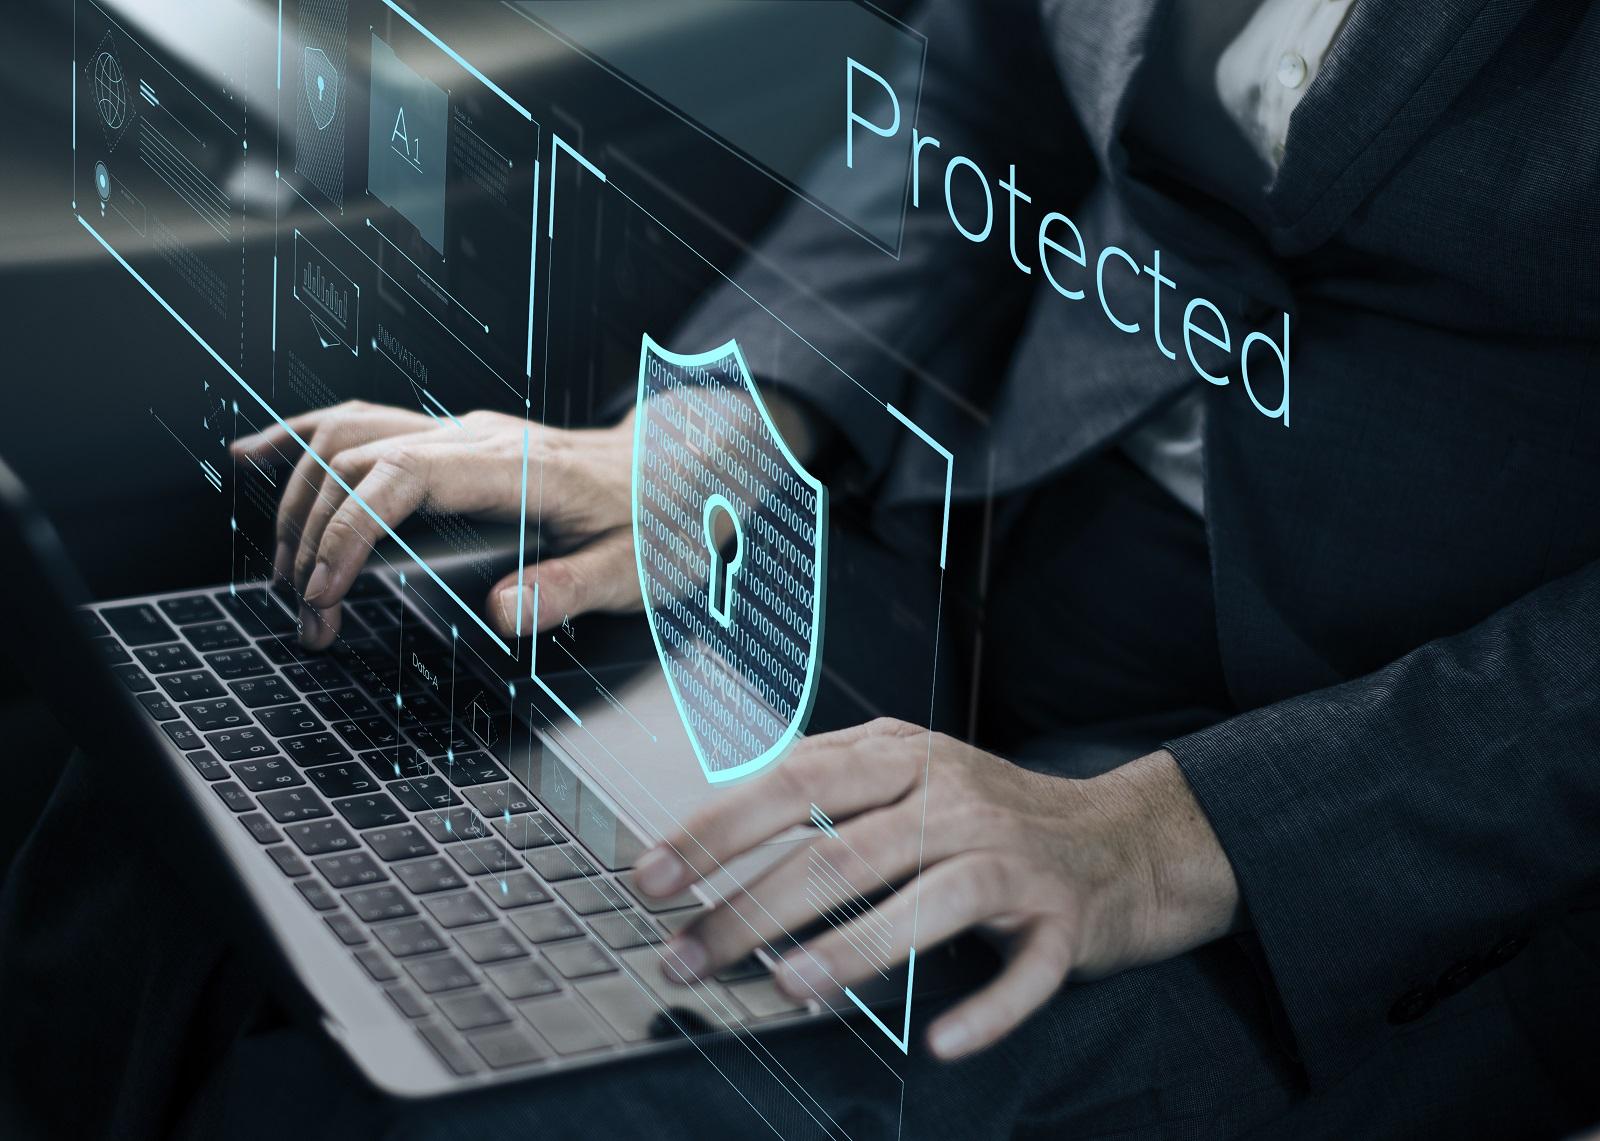 陸《密碼法》明年實施 民責最高罰100萬人民幣